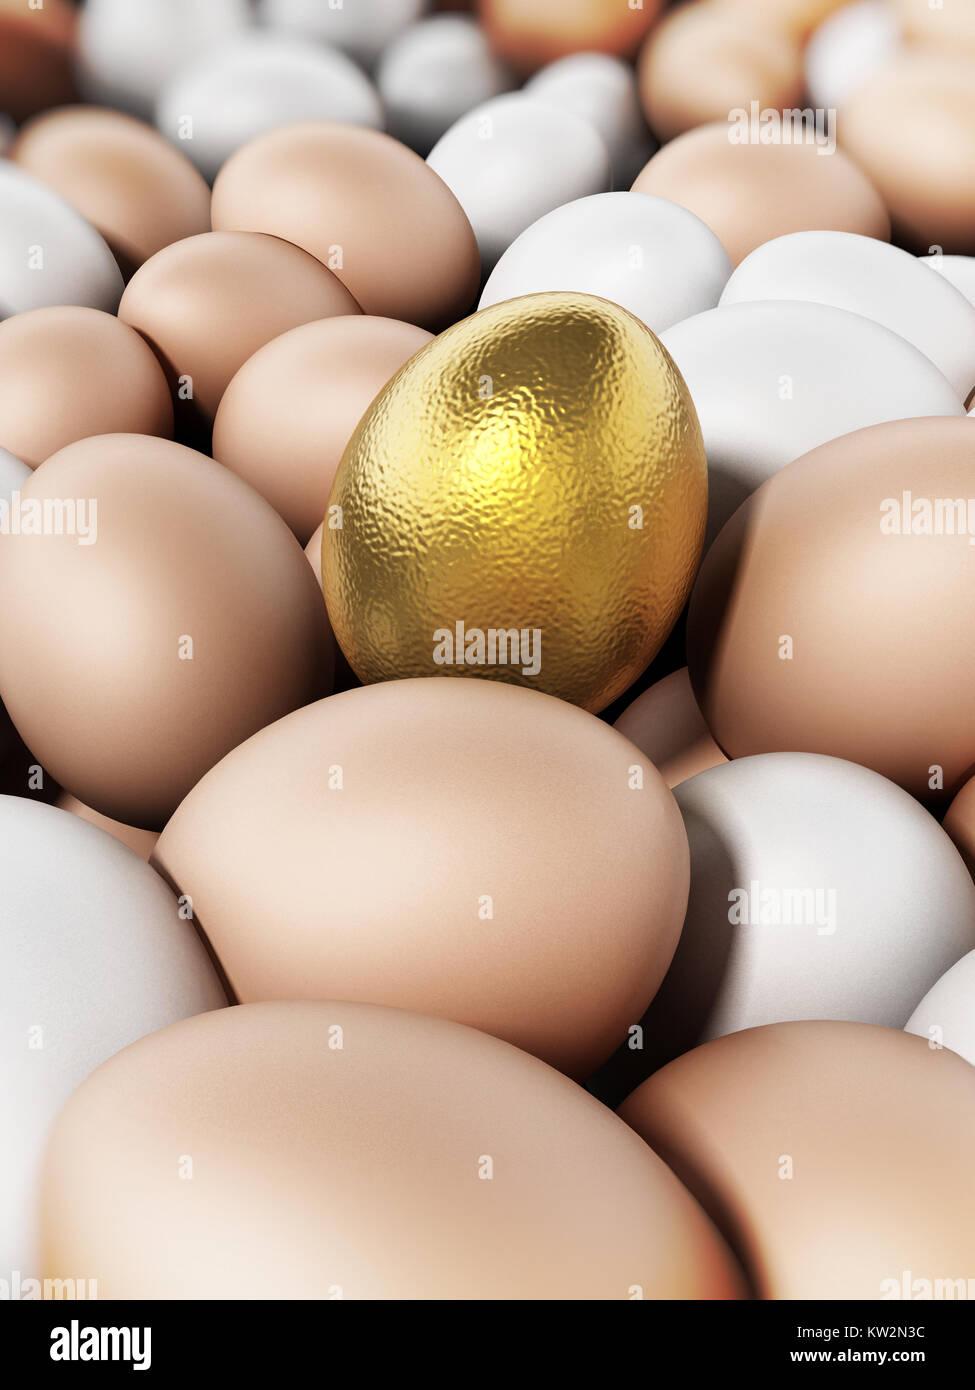 Goldene Ei heraus stehen unter braune und weiße Eier. 3D-Darstellung. Stockbild